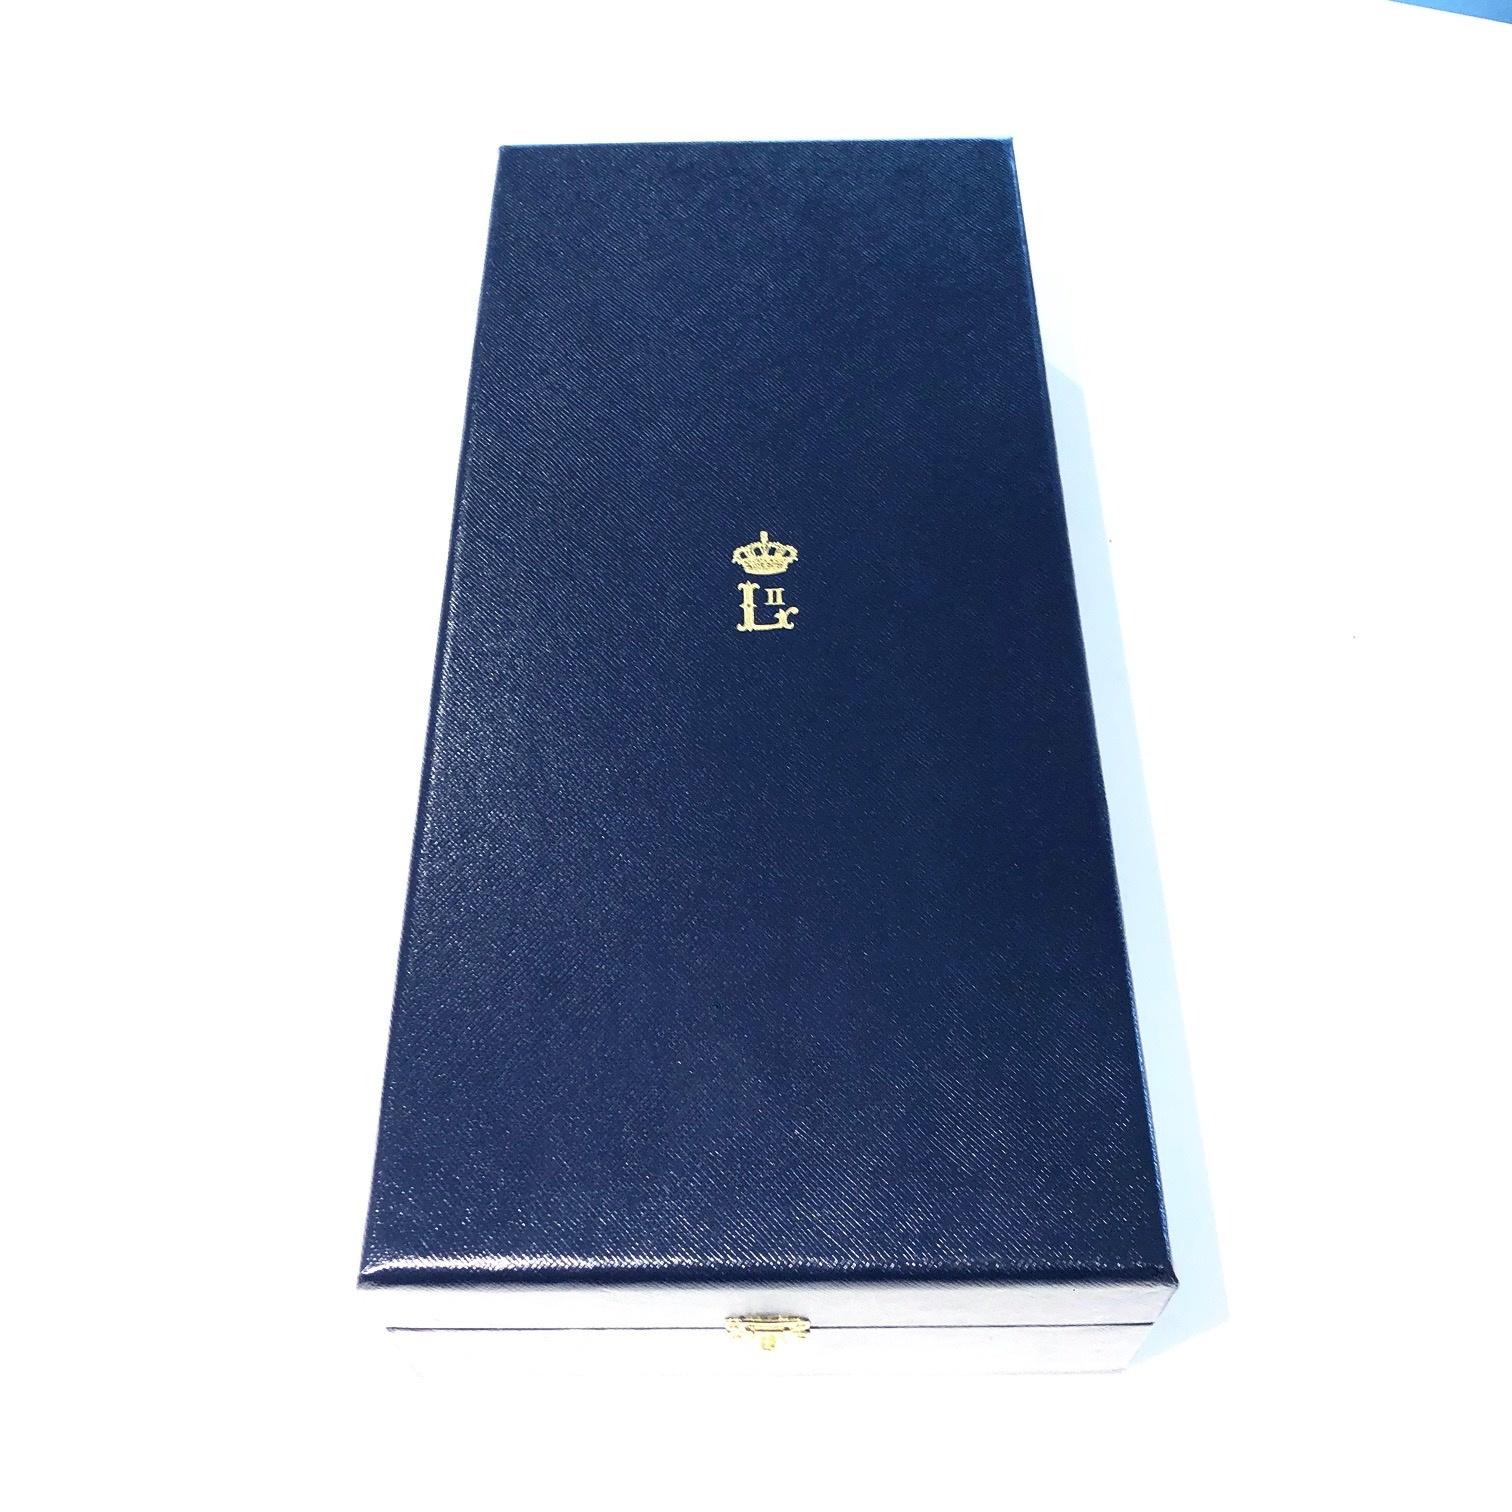 Luxeschrijn voor Grootkruis in de orde van Leopold II